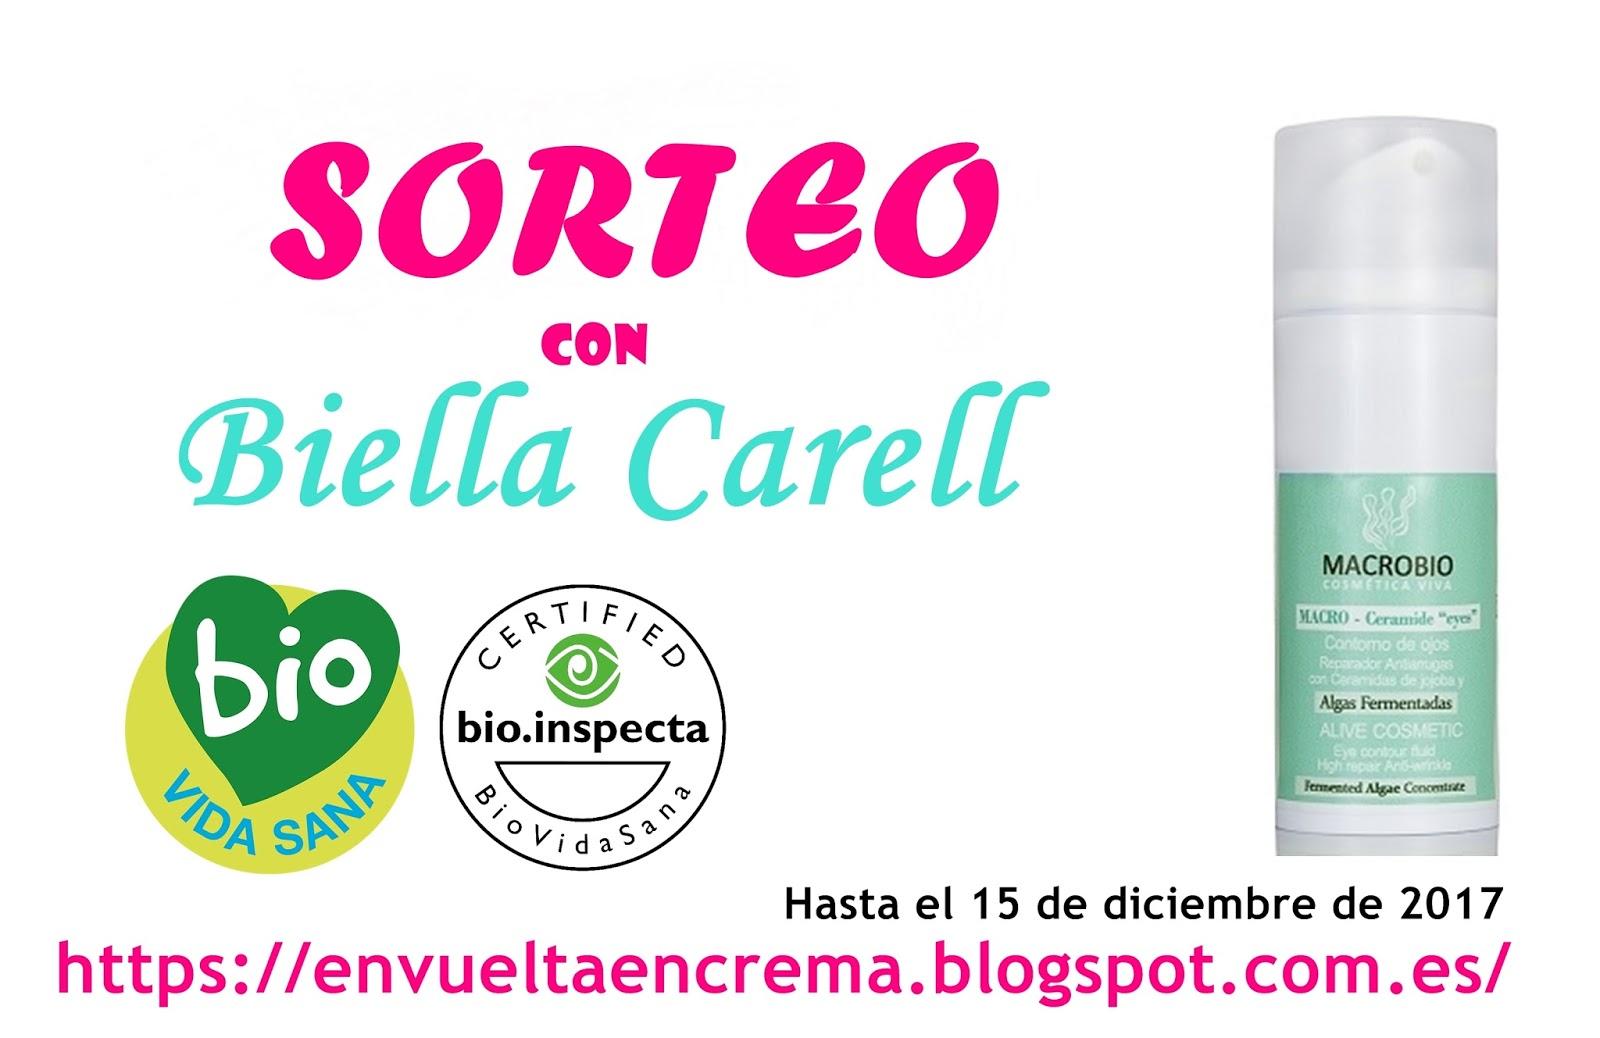 Sorteo Biella Carell (Hasta el 15 de diciembre)